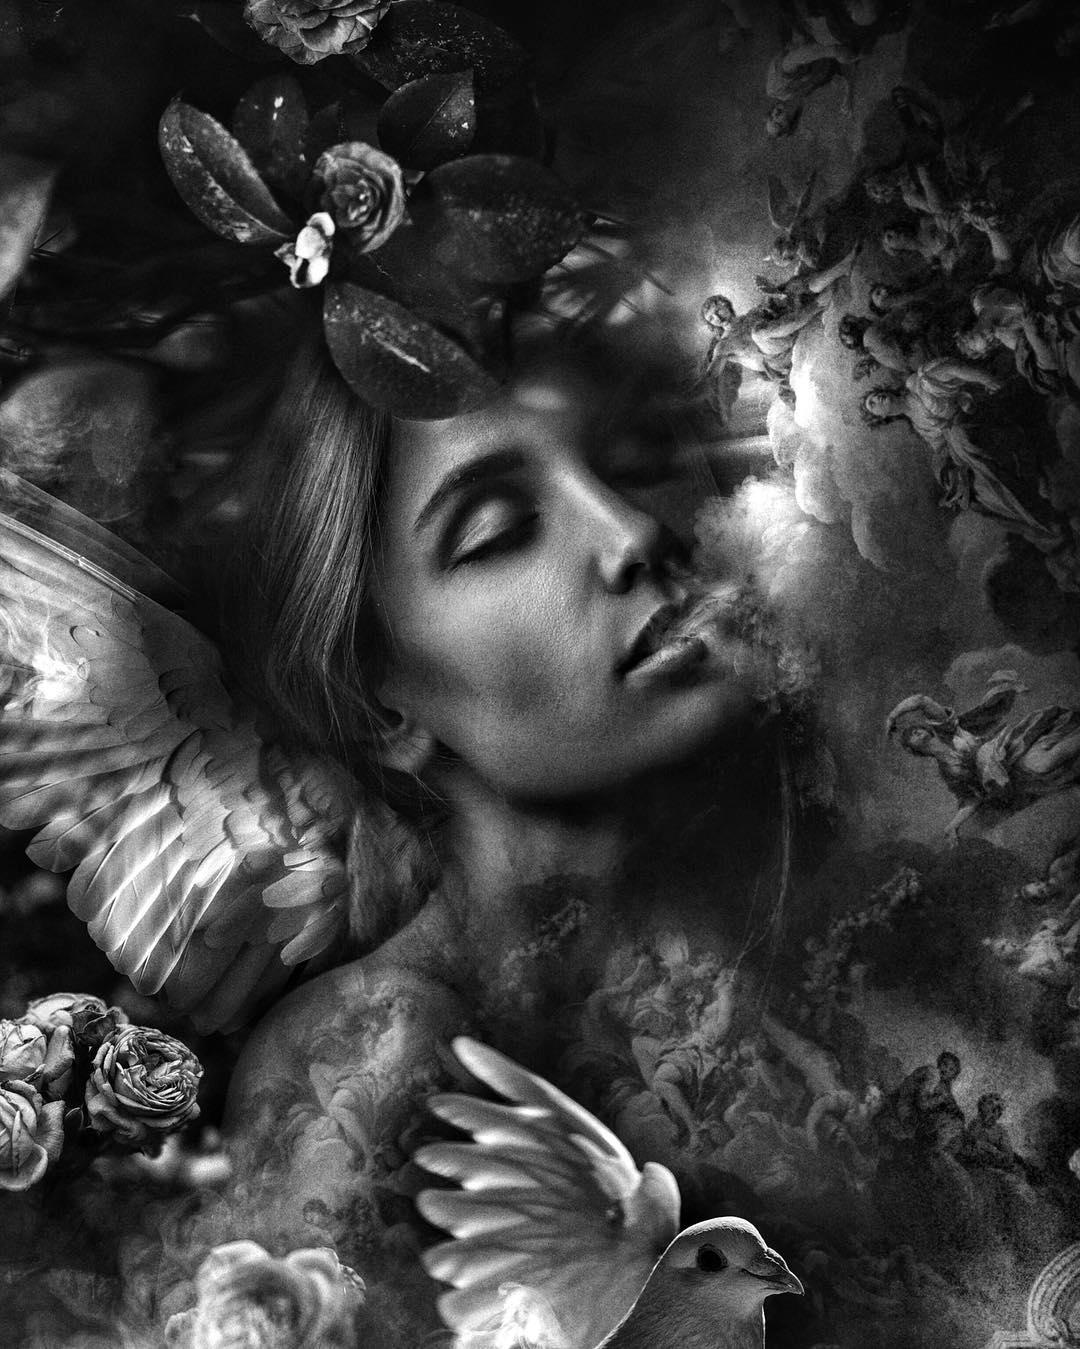 Сюрреалистические фотоманипуляции от Марселя ван Луита